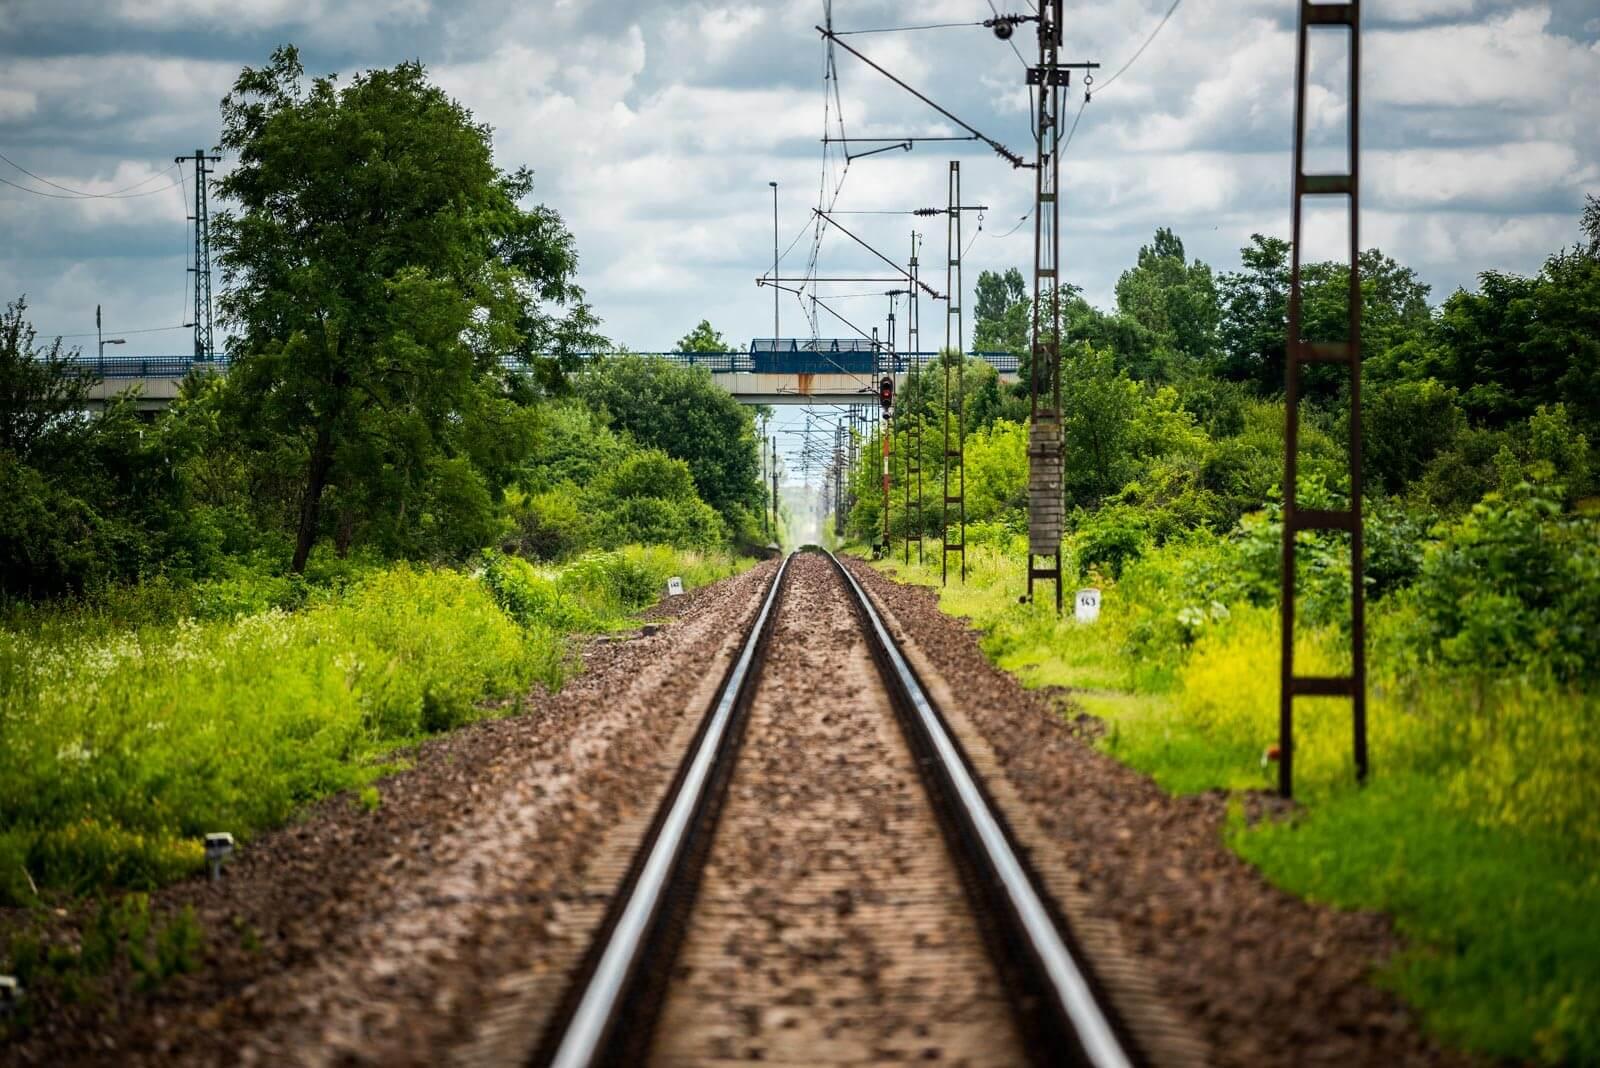 Újabb jelentős szakaszába lépett a Püspökladány-Ebes vasútvonal felújítása